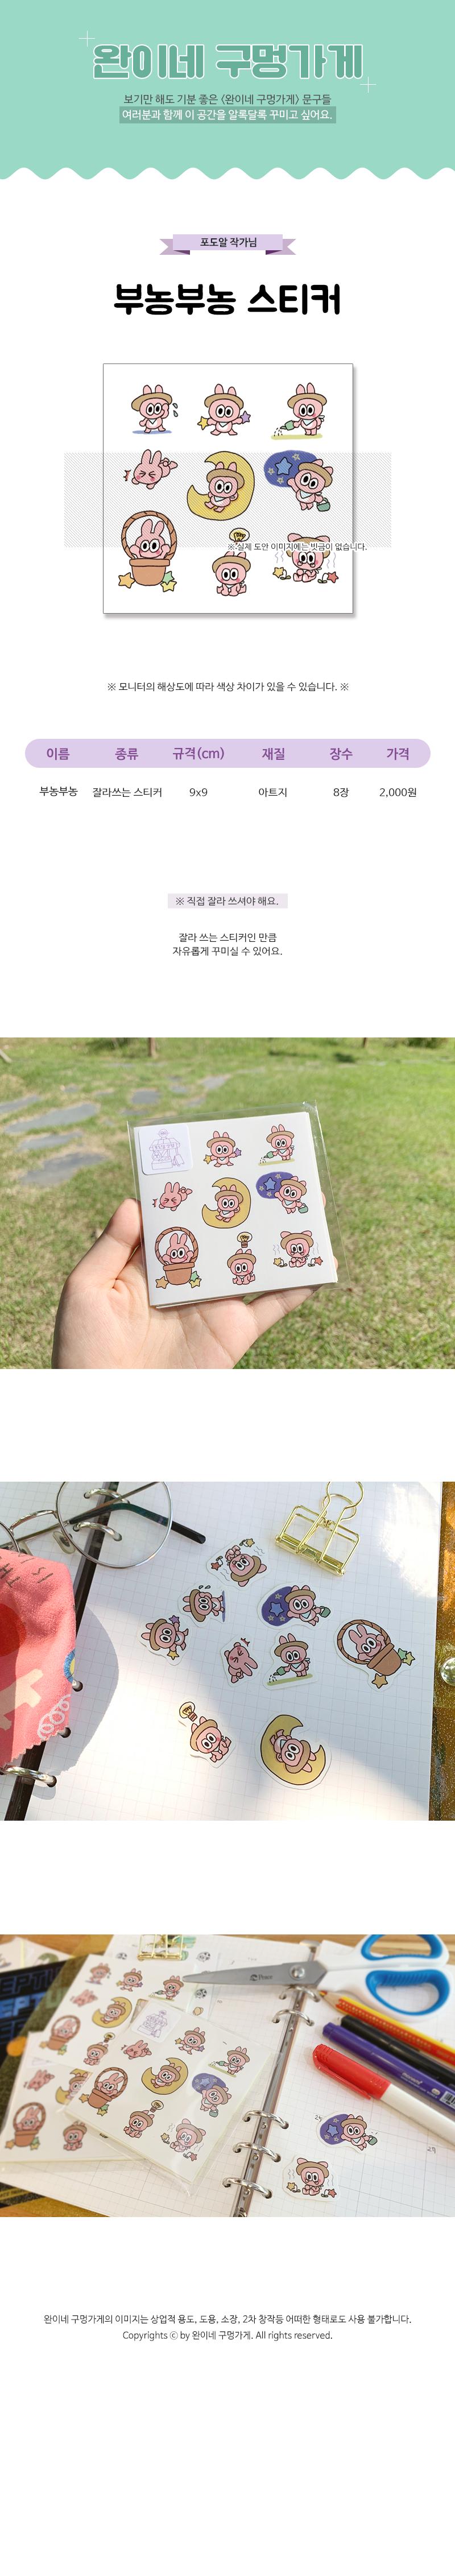 sticker525